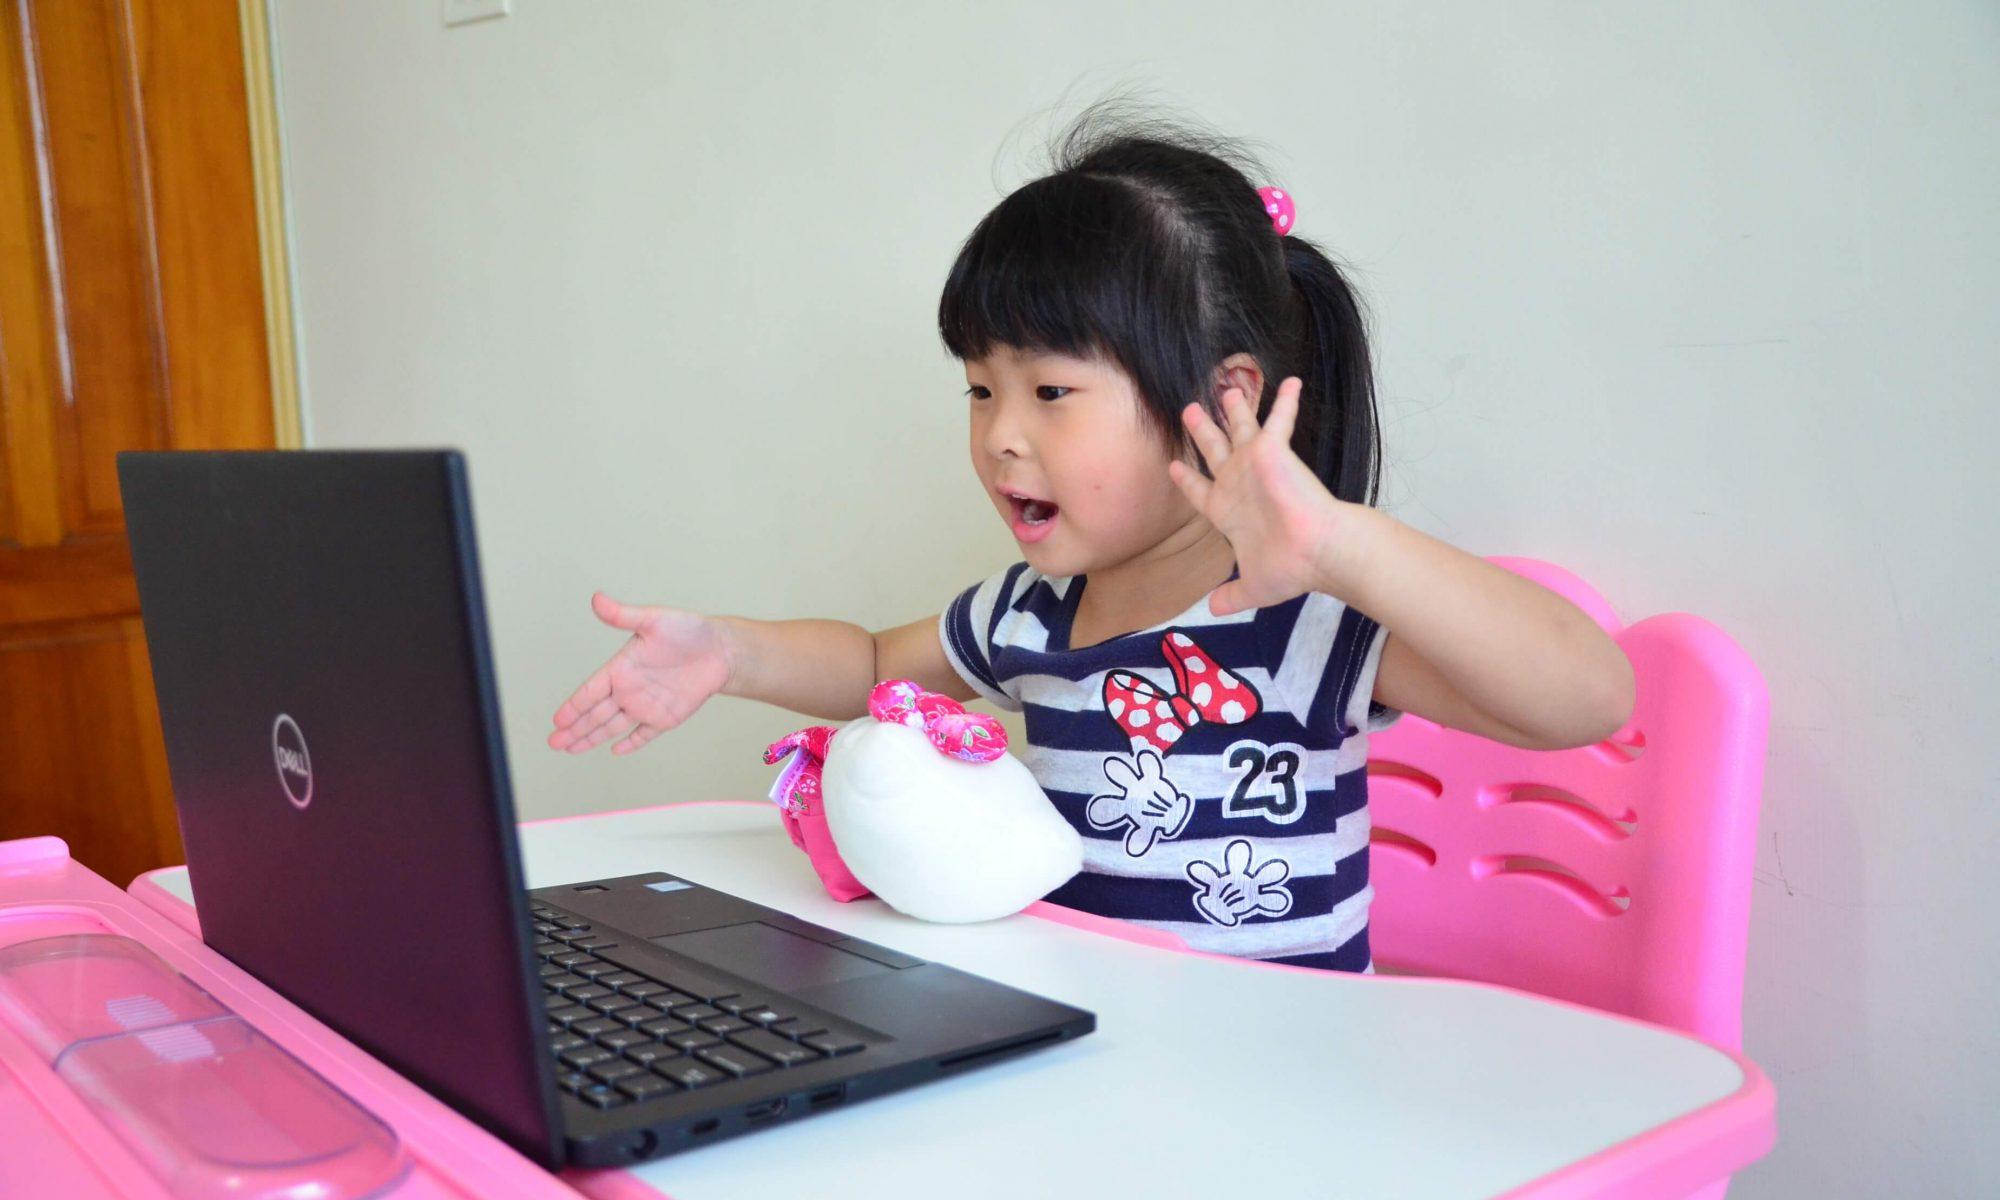 快速建立學習熱忱,在家學習更 EASY!